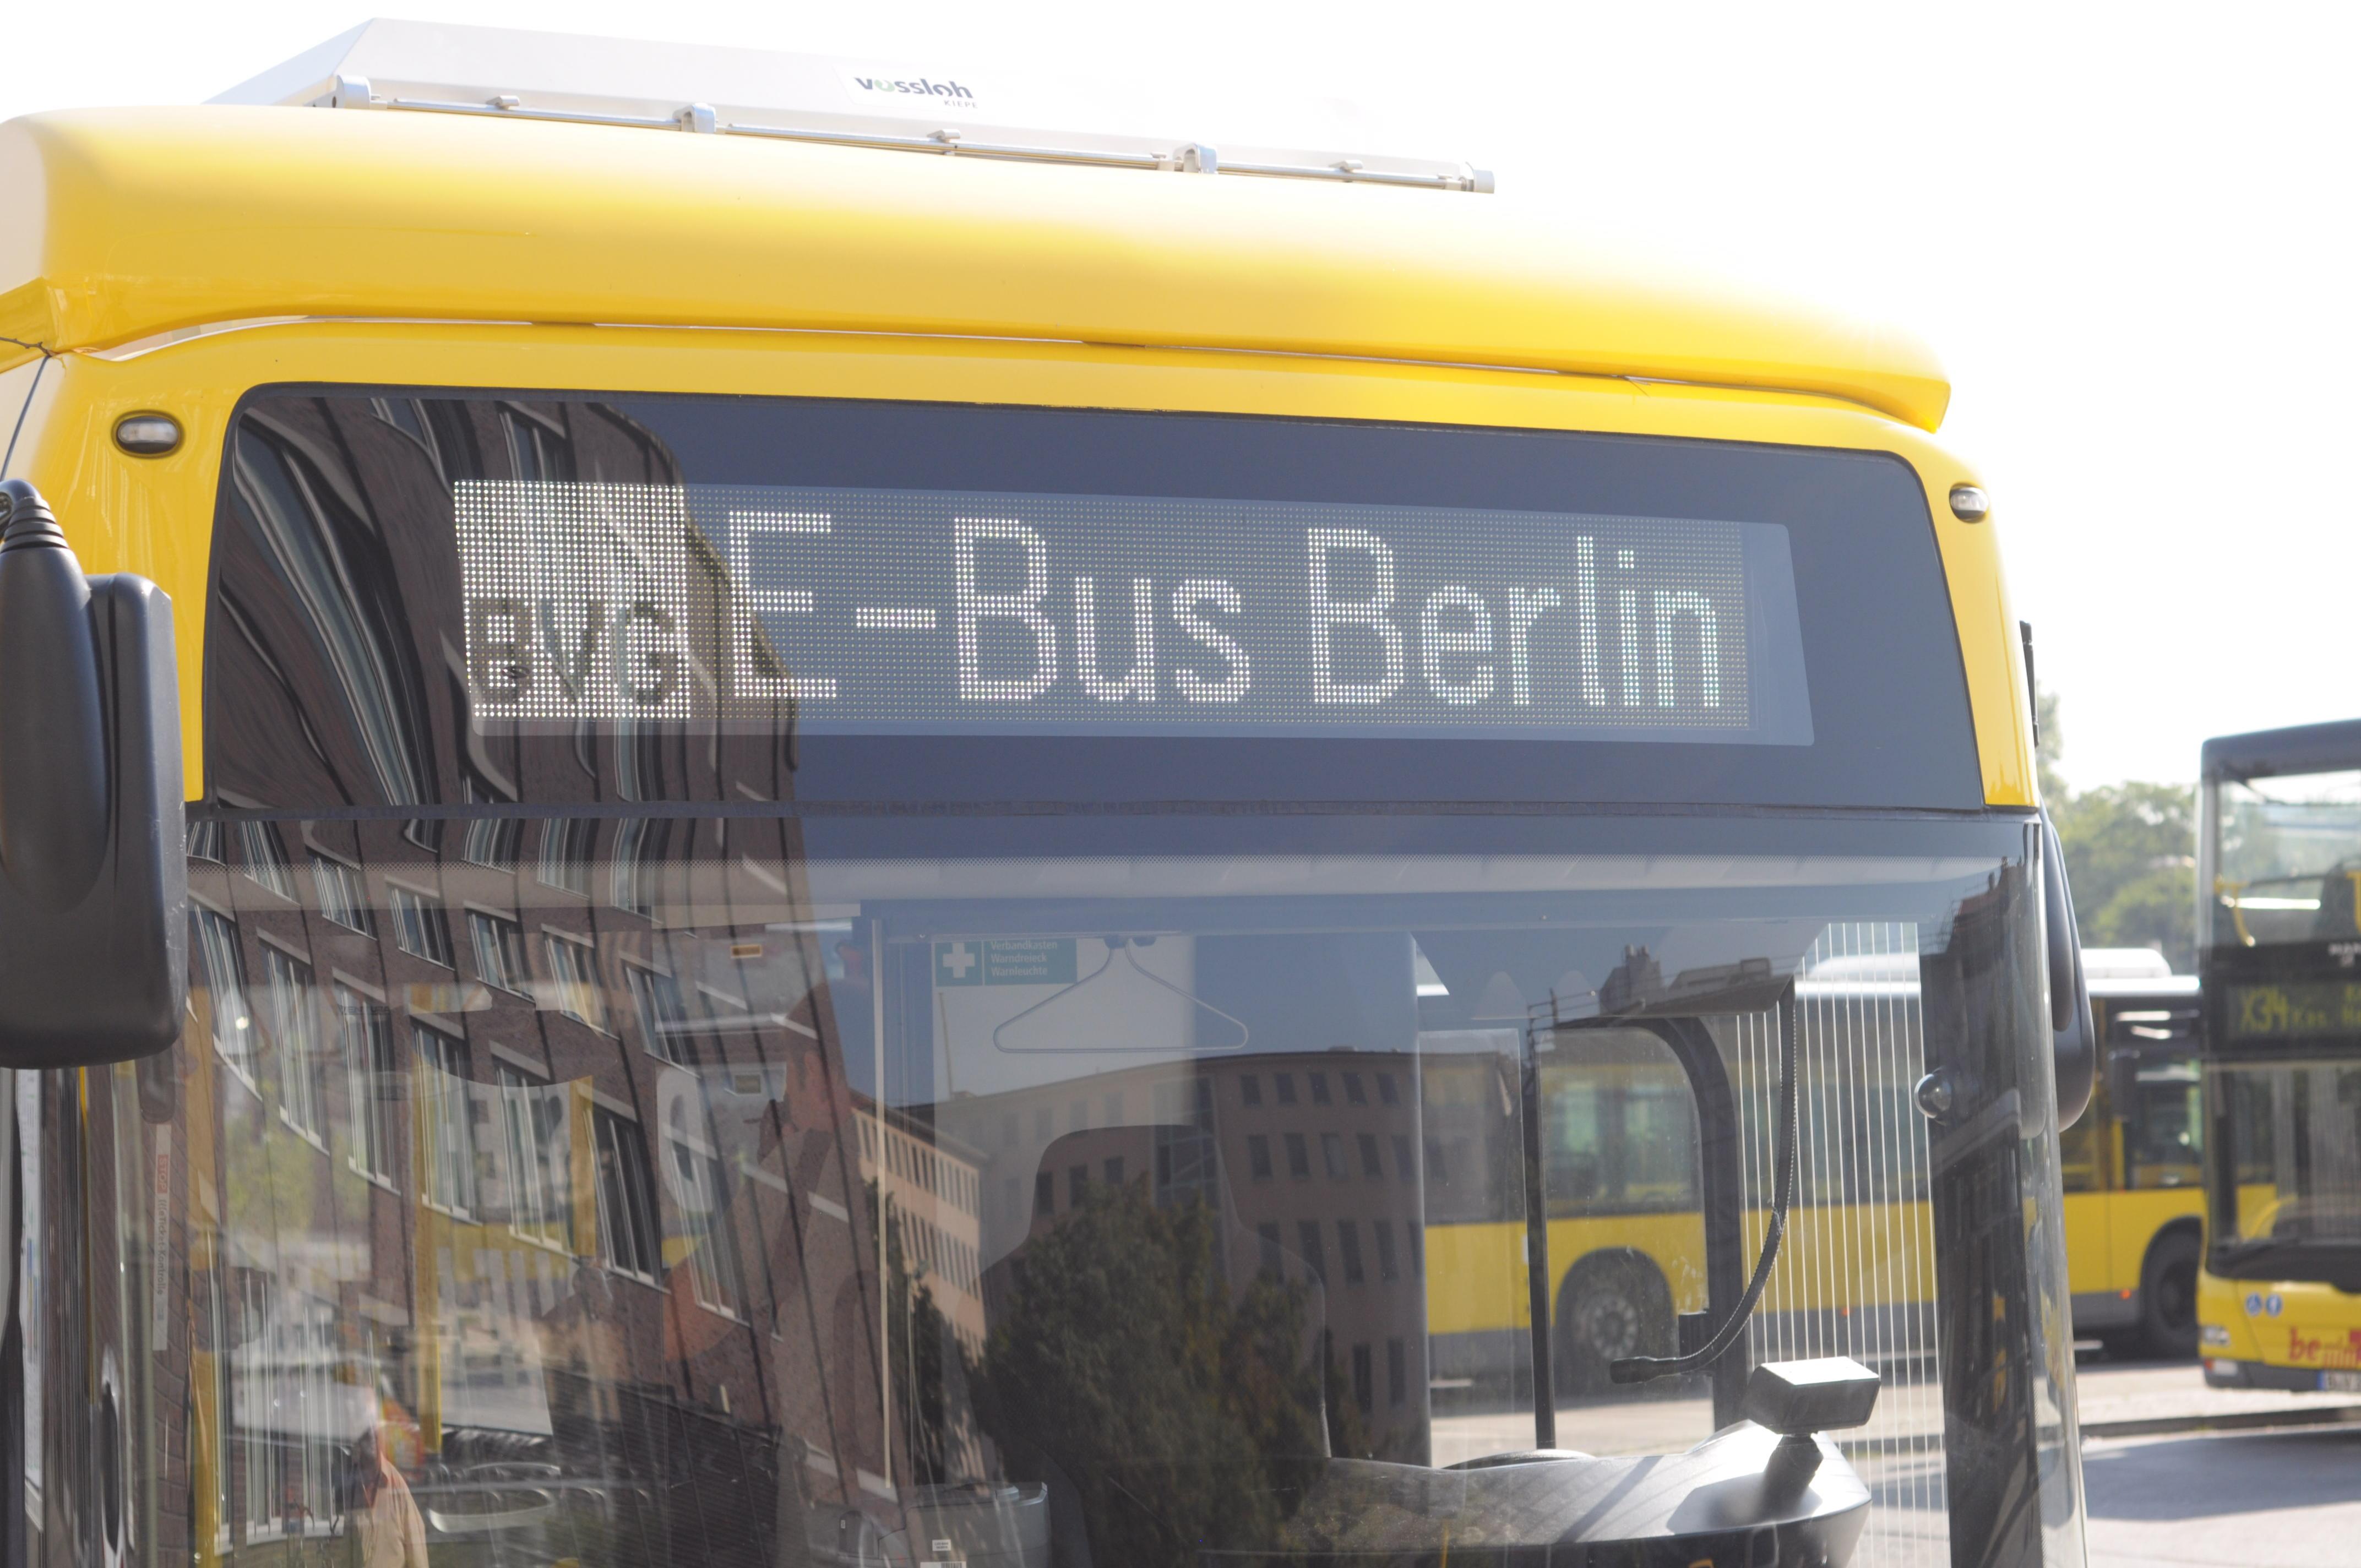 Nahverkehr: Hamburg und Berlin kaufen gemeinsam saubere Busse - Die Anzeige flimmert, nur bei wenigen Aufnahmen haben wir deswegen die Belichtungszeit reduziert. (Foto: Andreas Sebayang/Golem.de)